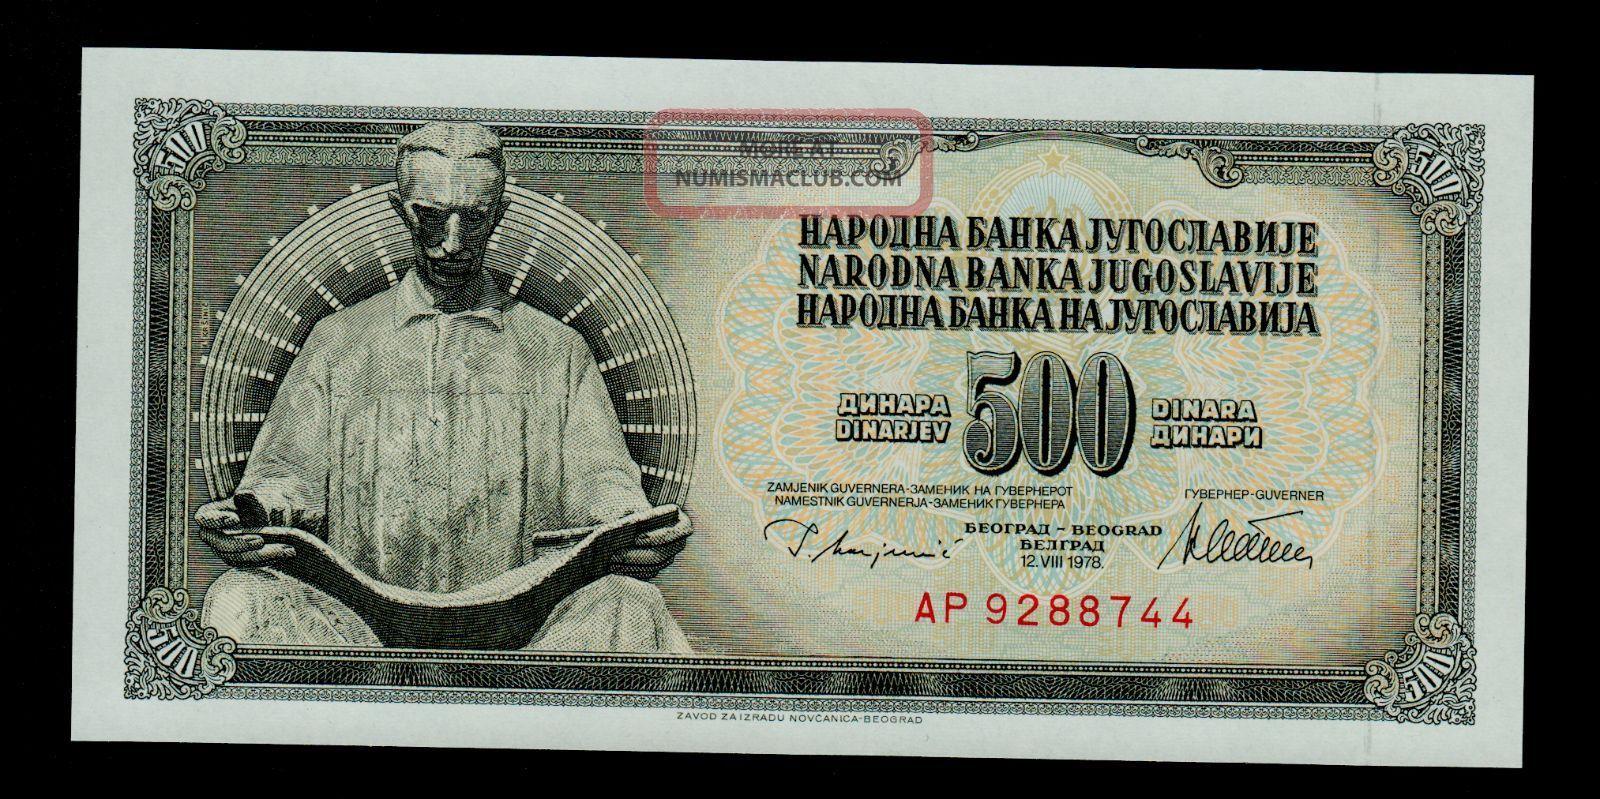 Yugoslavia 500 Dinara 1978 Pick 91a Unc Yugoslavia photo